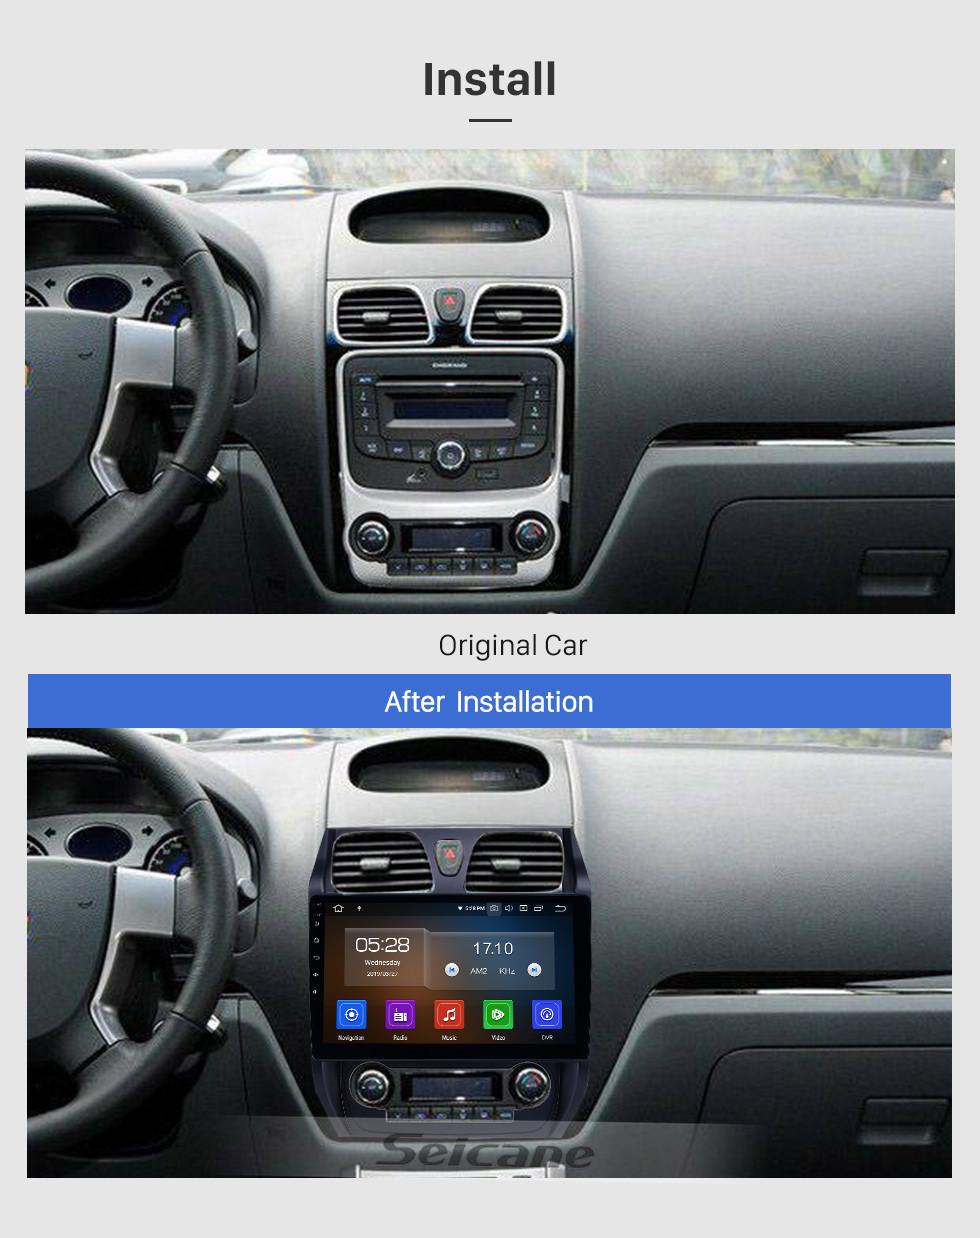 Seicane 10,1 Zoll Android 9.0 GPS Navigationsradio für 2012-2013 Geely Emgrand EC7 mit HD Touchscreen Carplay AUX Bluetooth Unterstützung 1080P